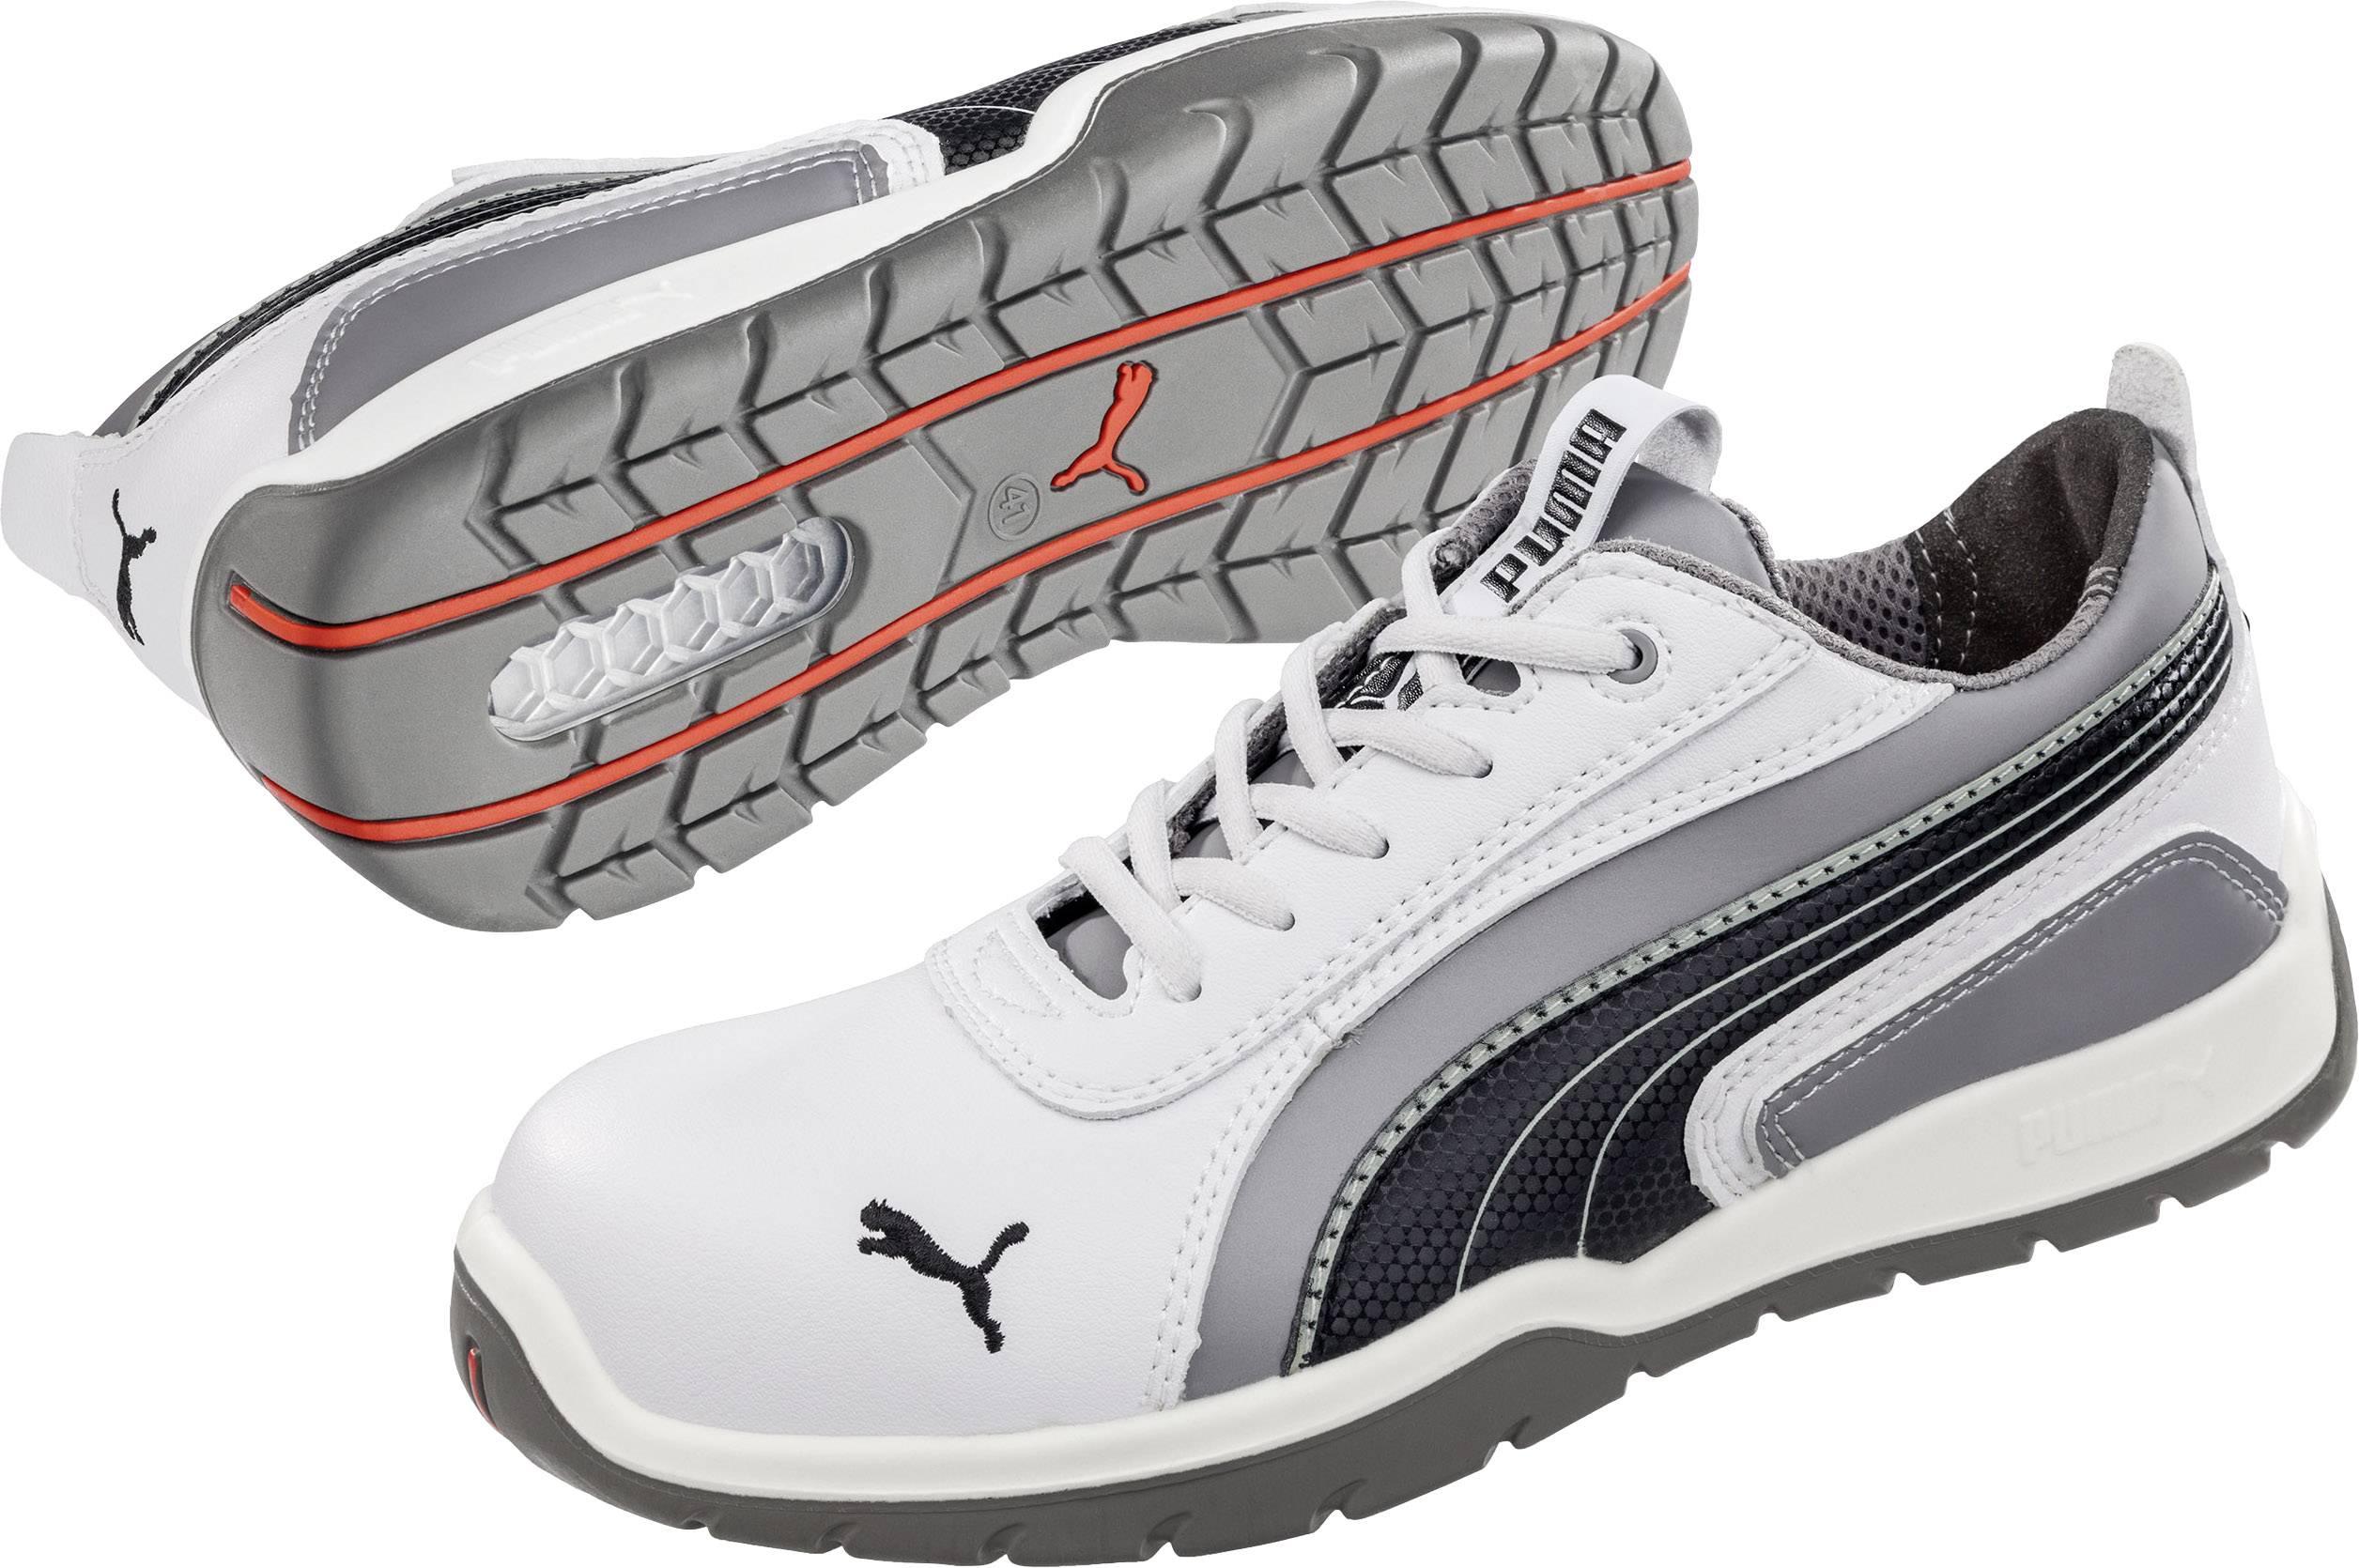 conrad Chaussures de de sécurité conrad sécurité ch Chaussures ch Ogwq7AO0